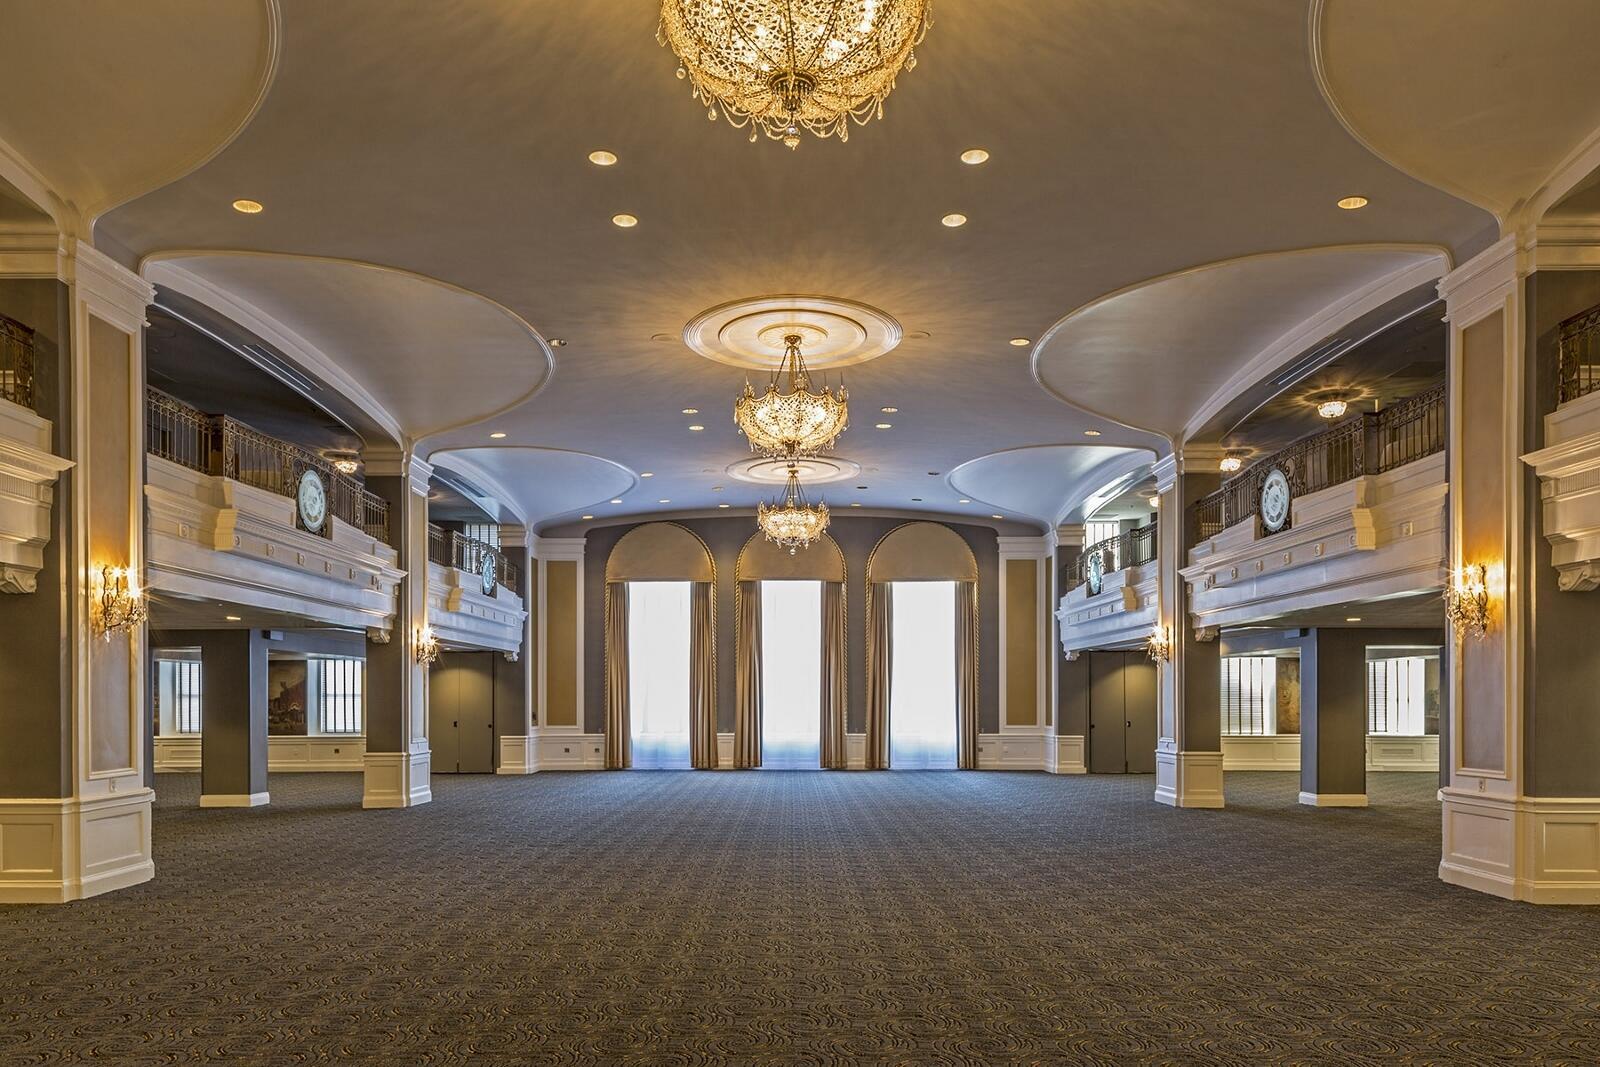 Calvert Ballroom